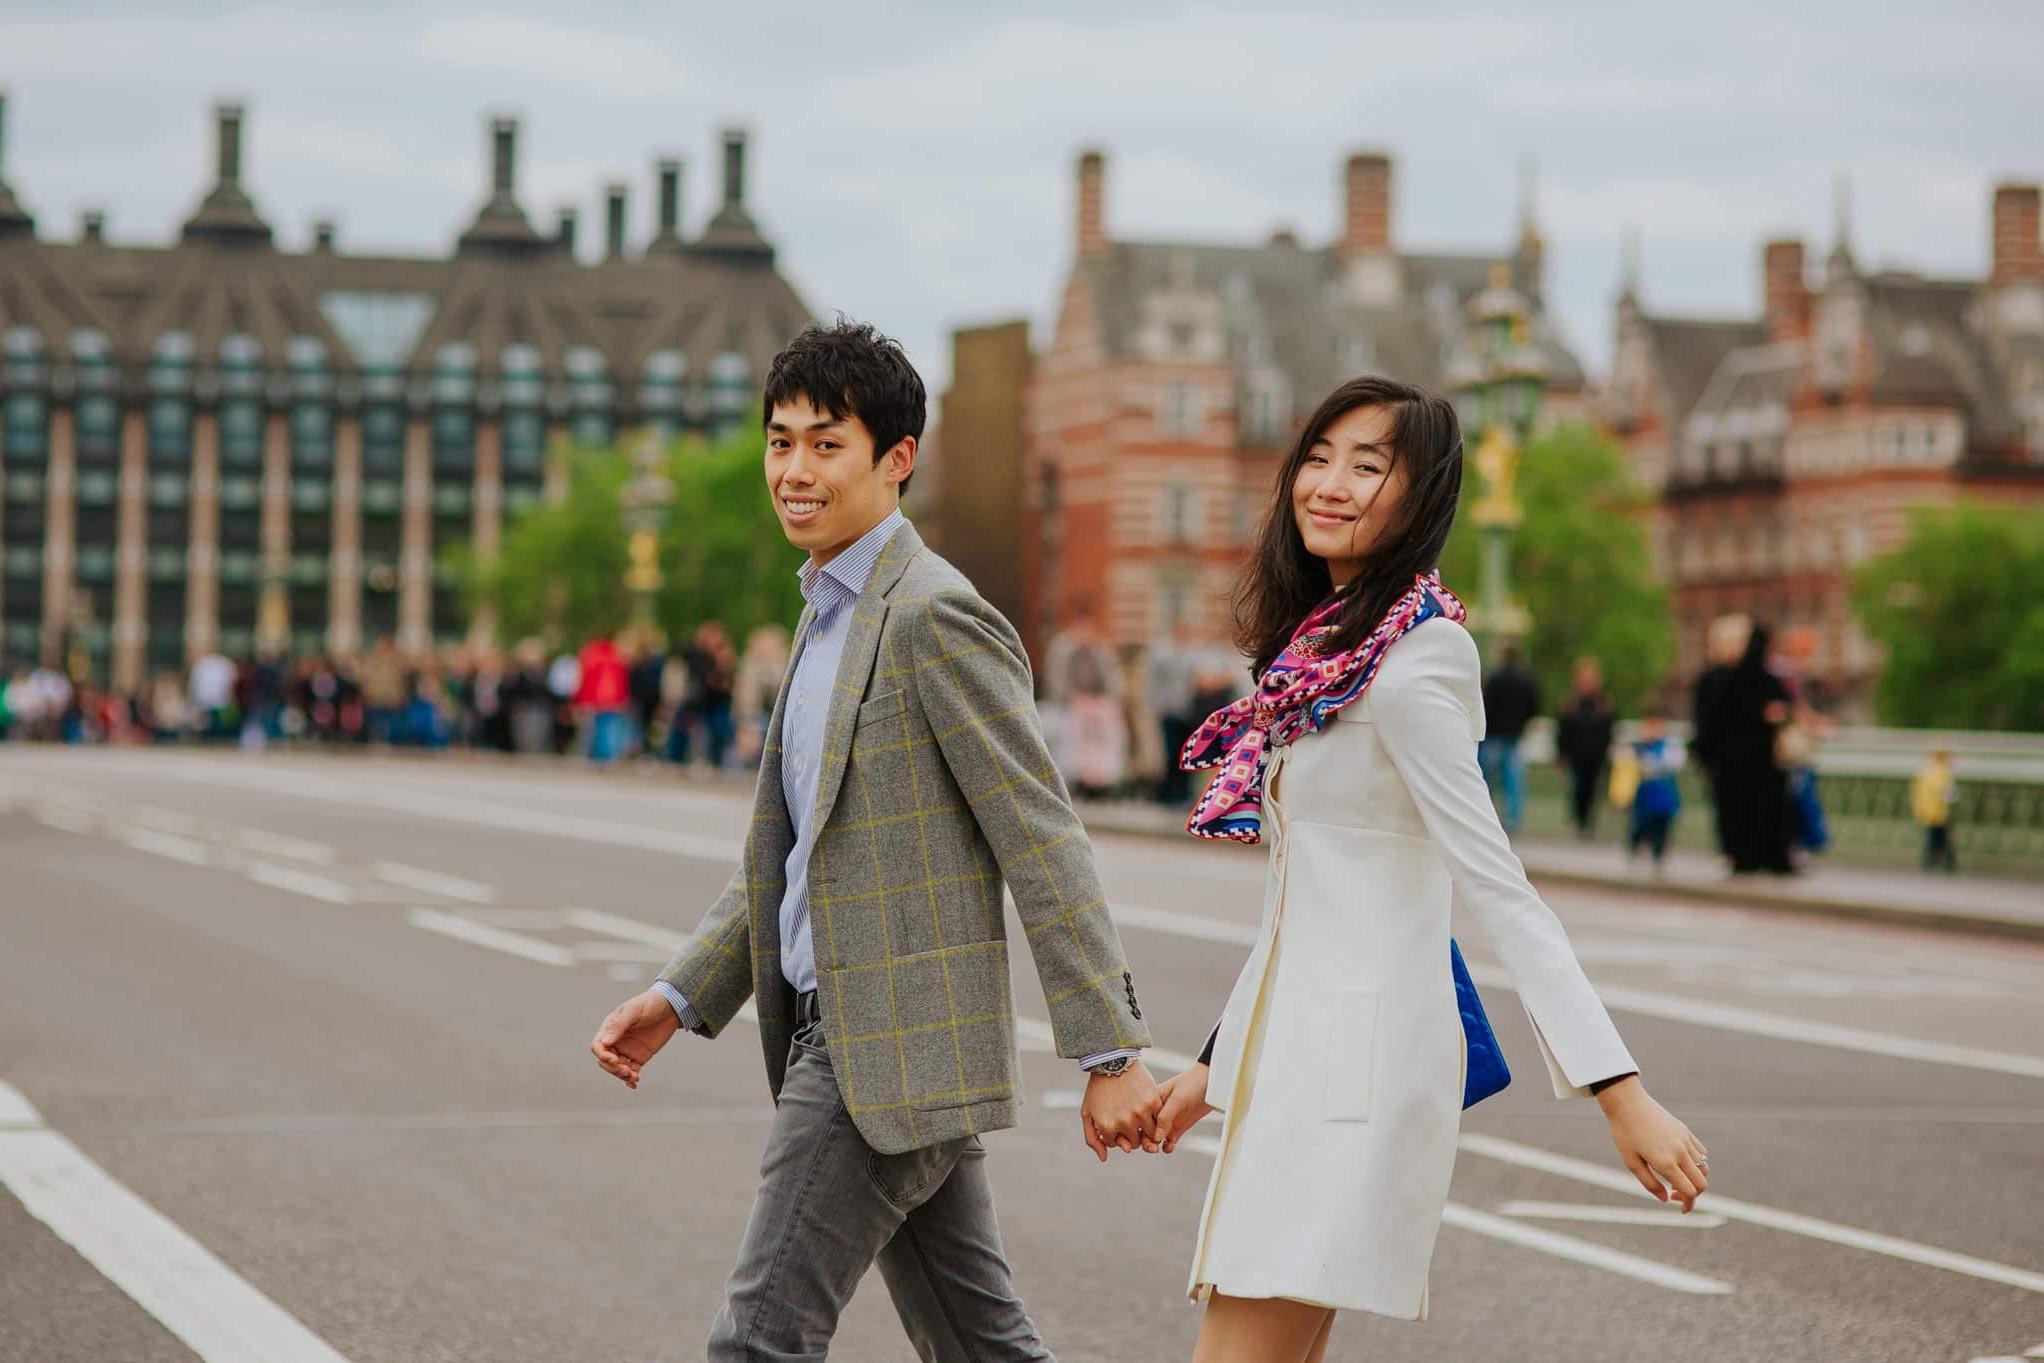 Yilin + Jason | London engagement session 31